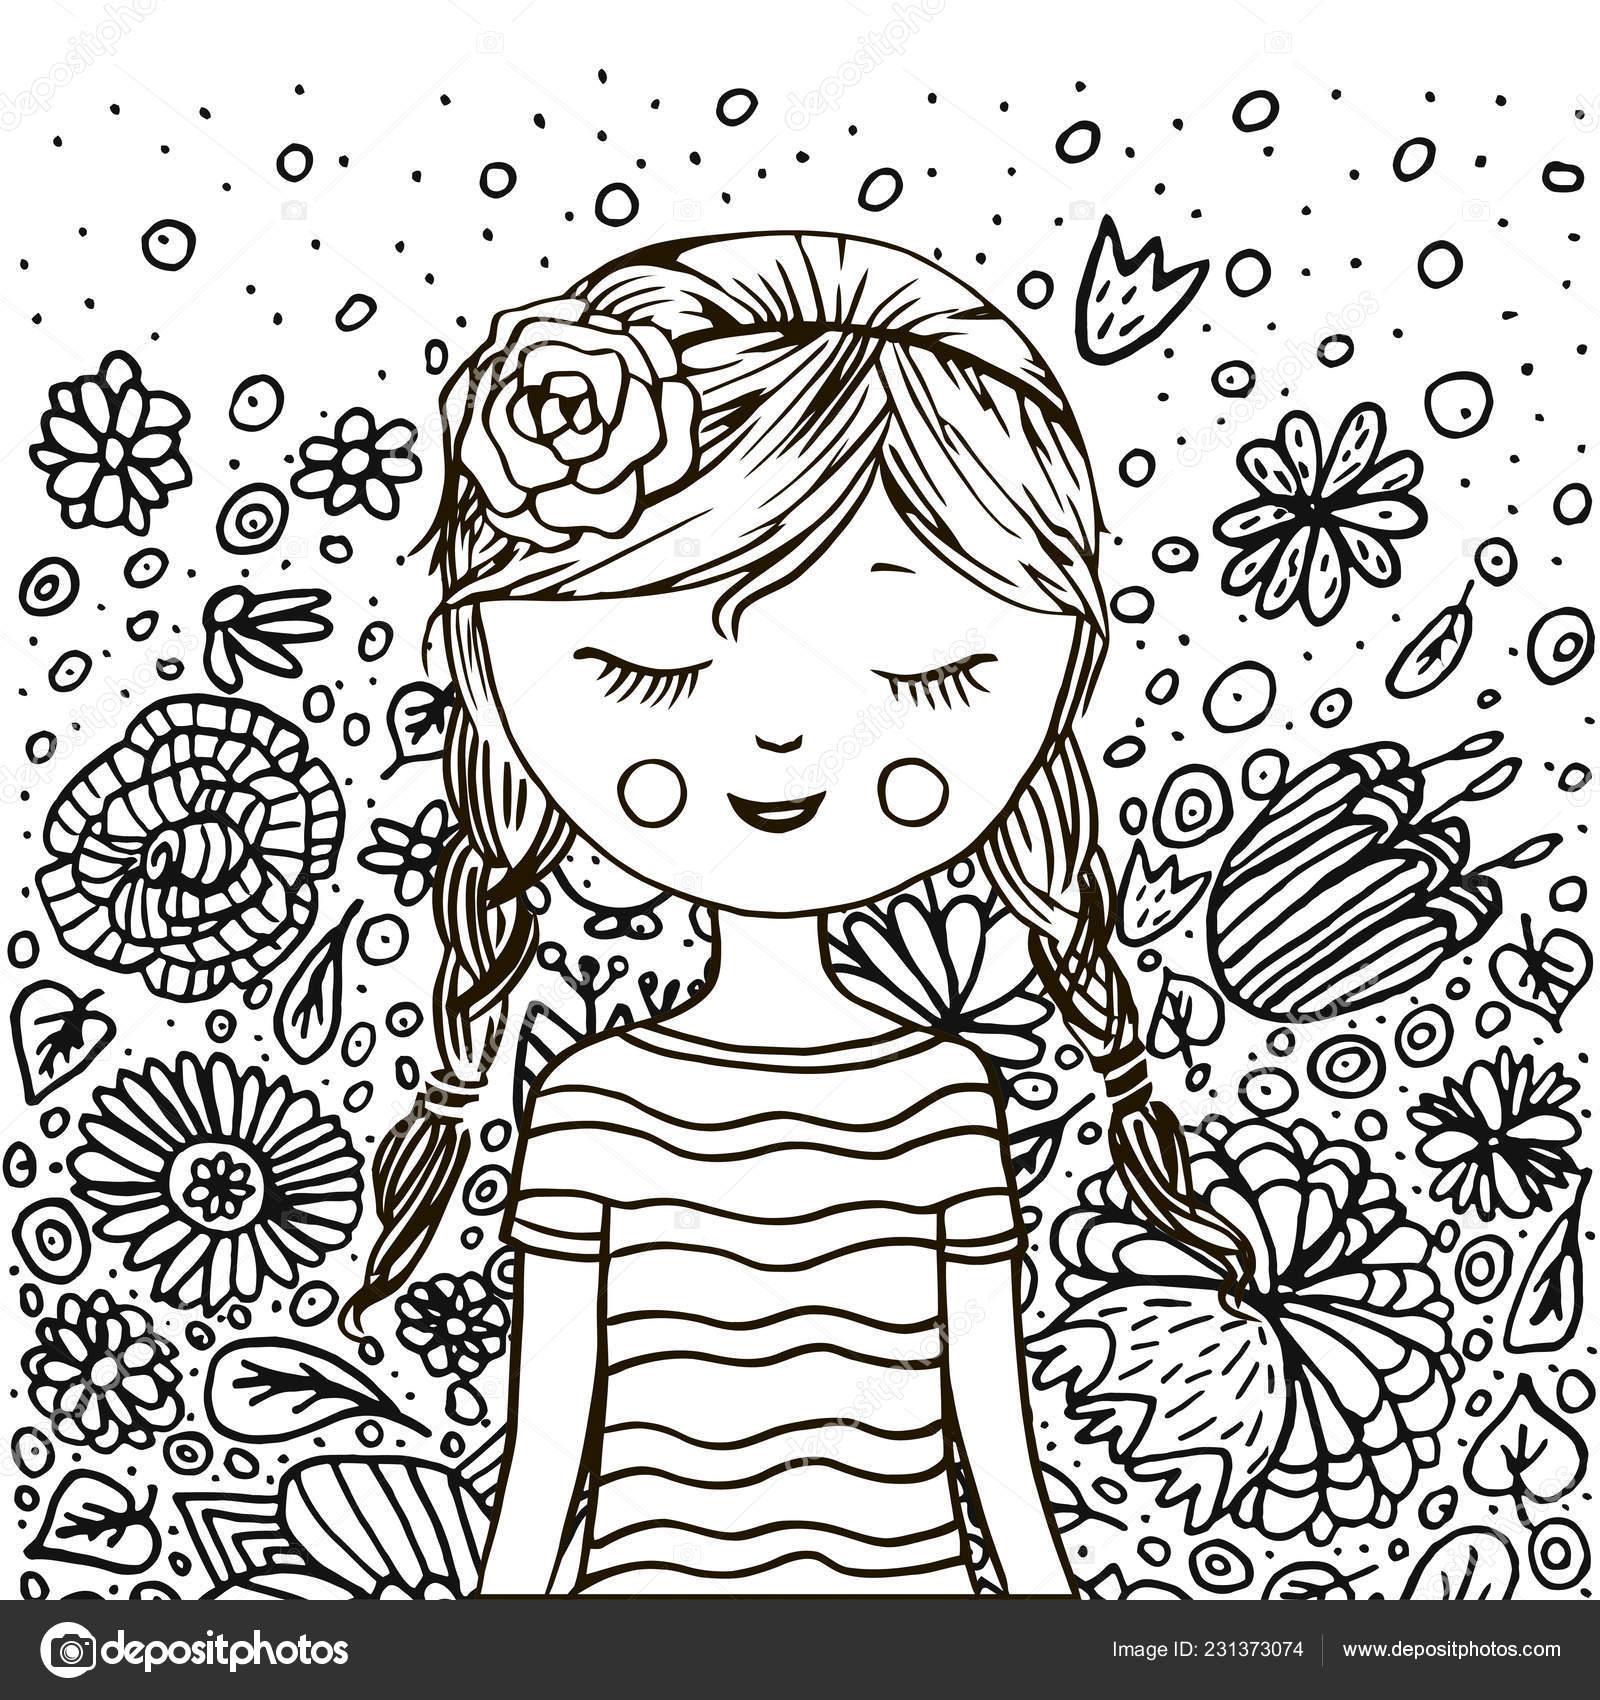 Jolie Fille Fleurs Livre Coloriage Noir Blanc Style Doodle